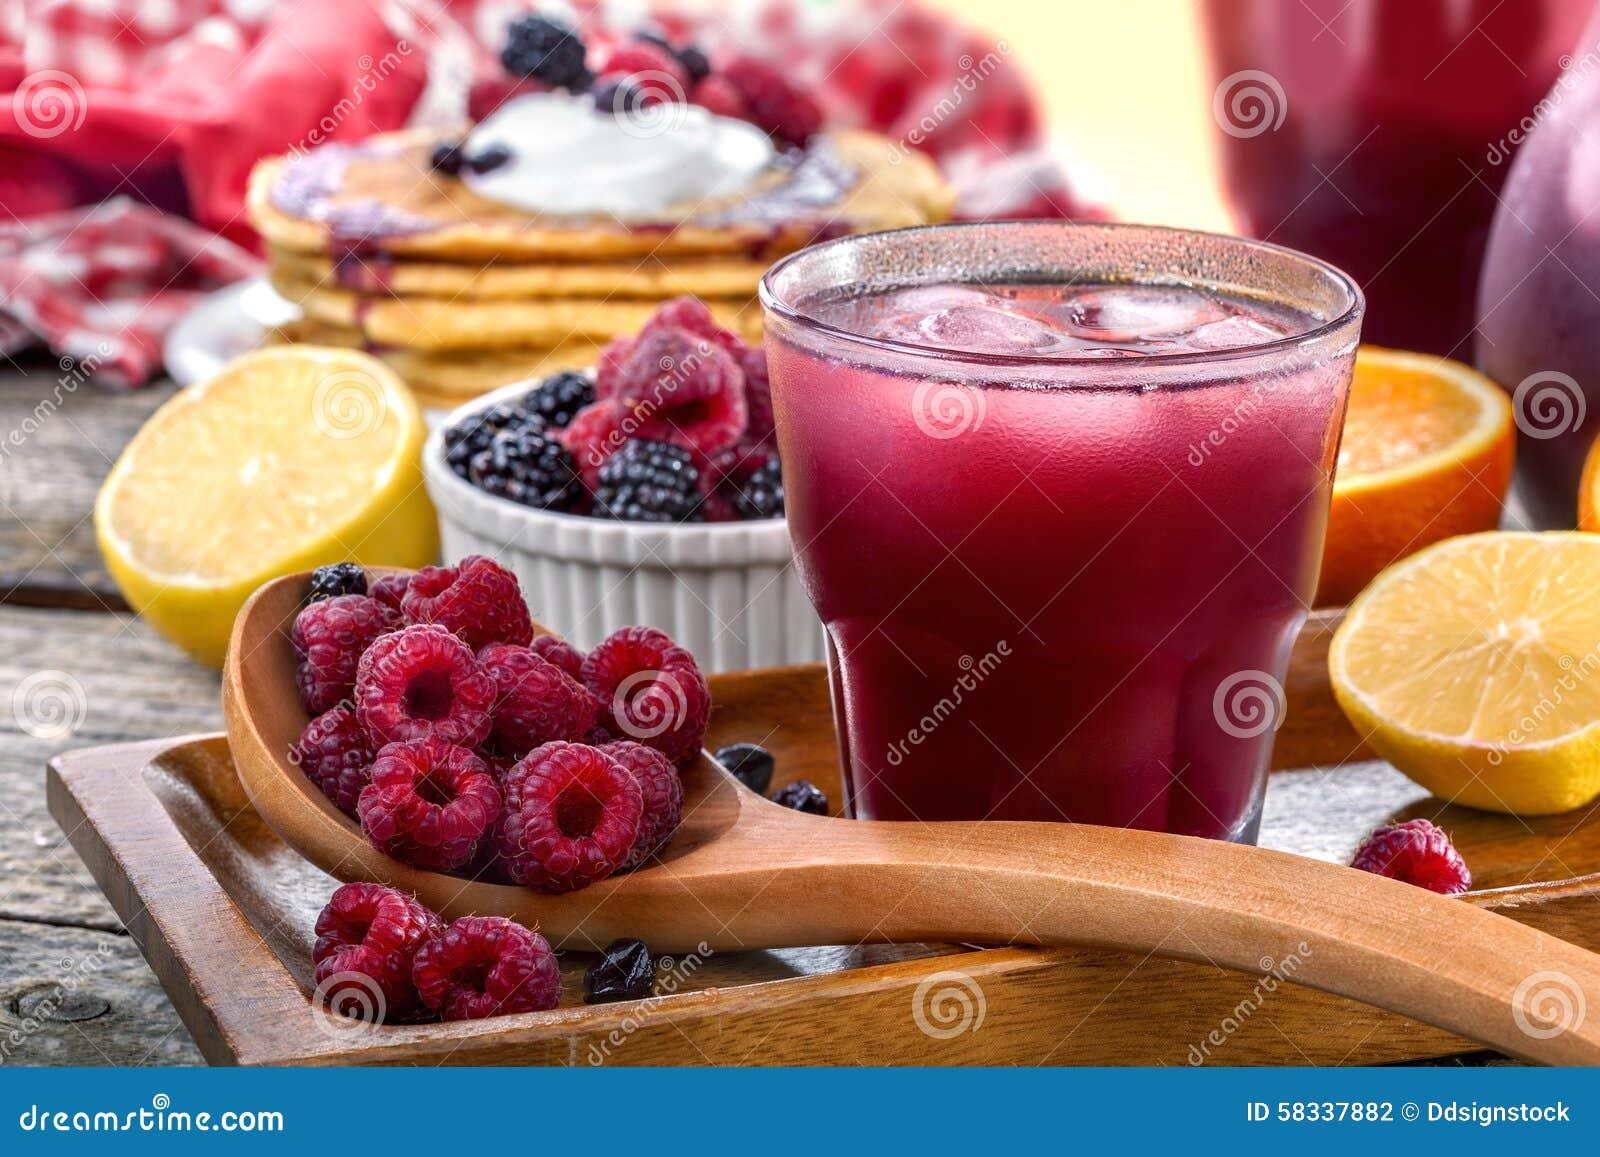 Juice of raspberries and blackberries